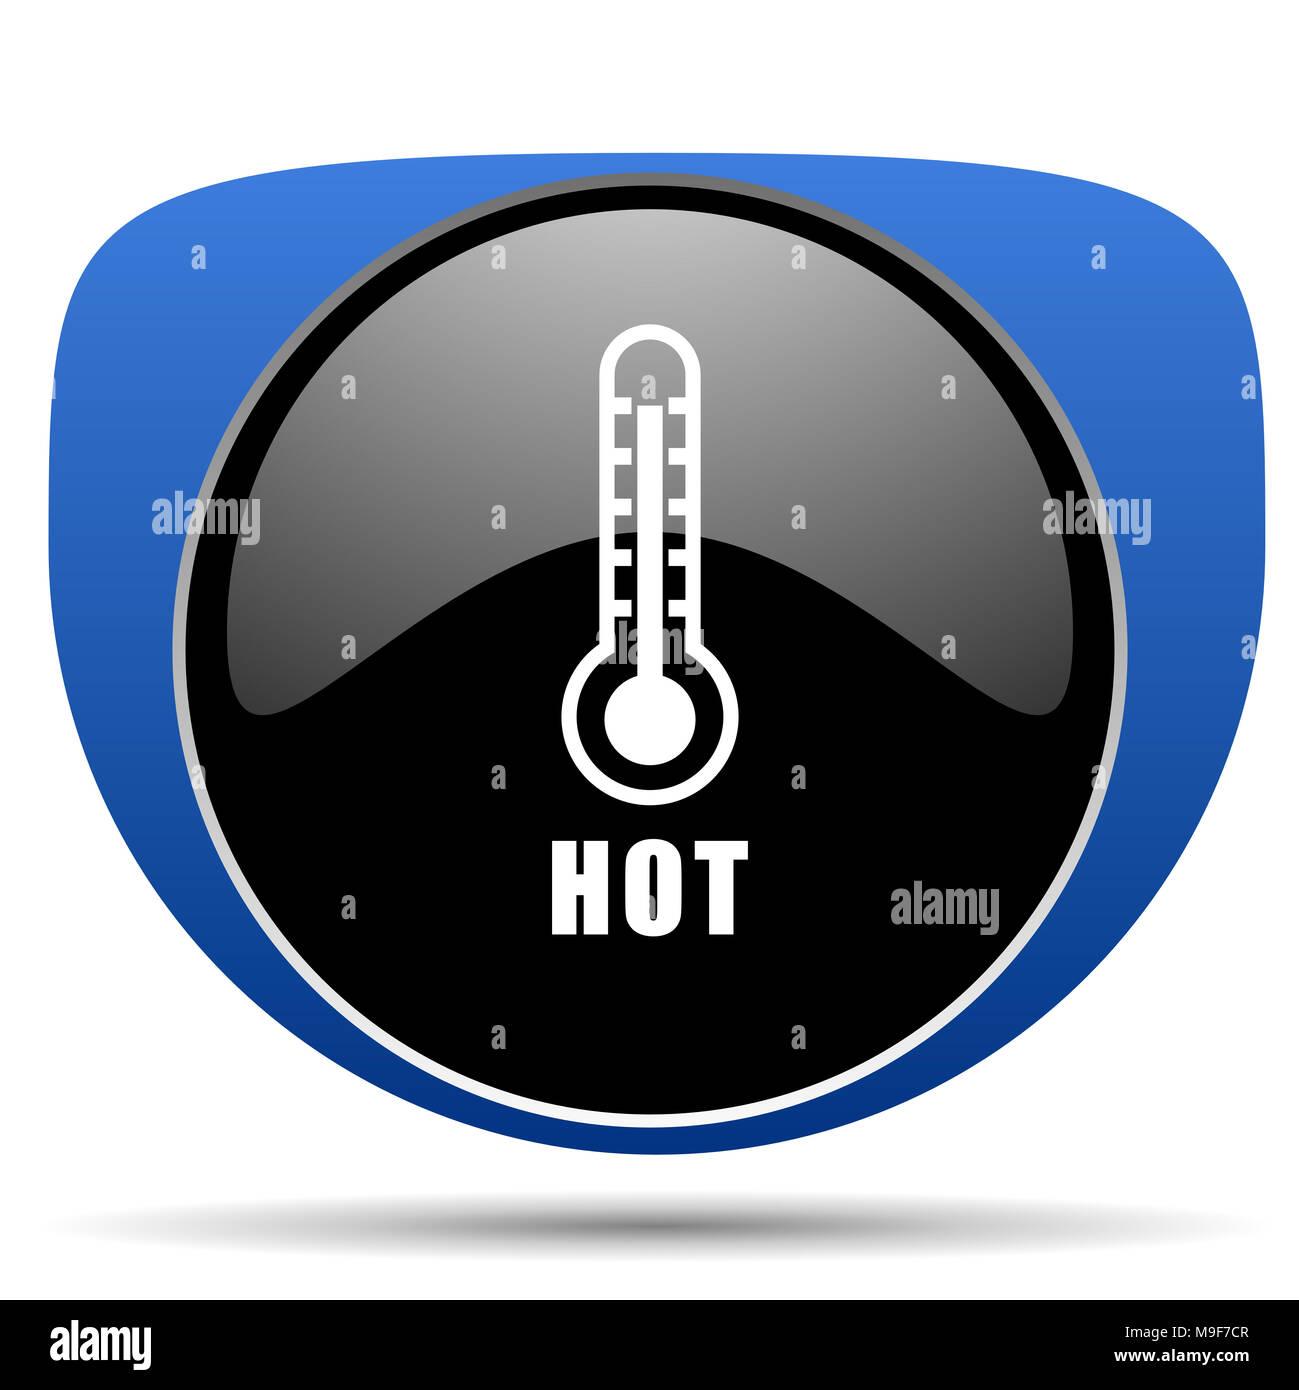 Hot temperature web icon - Stock Image